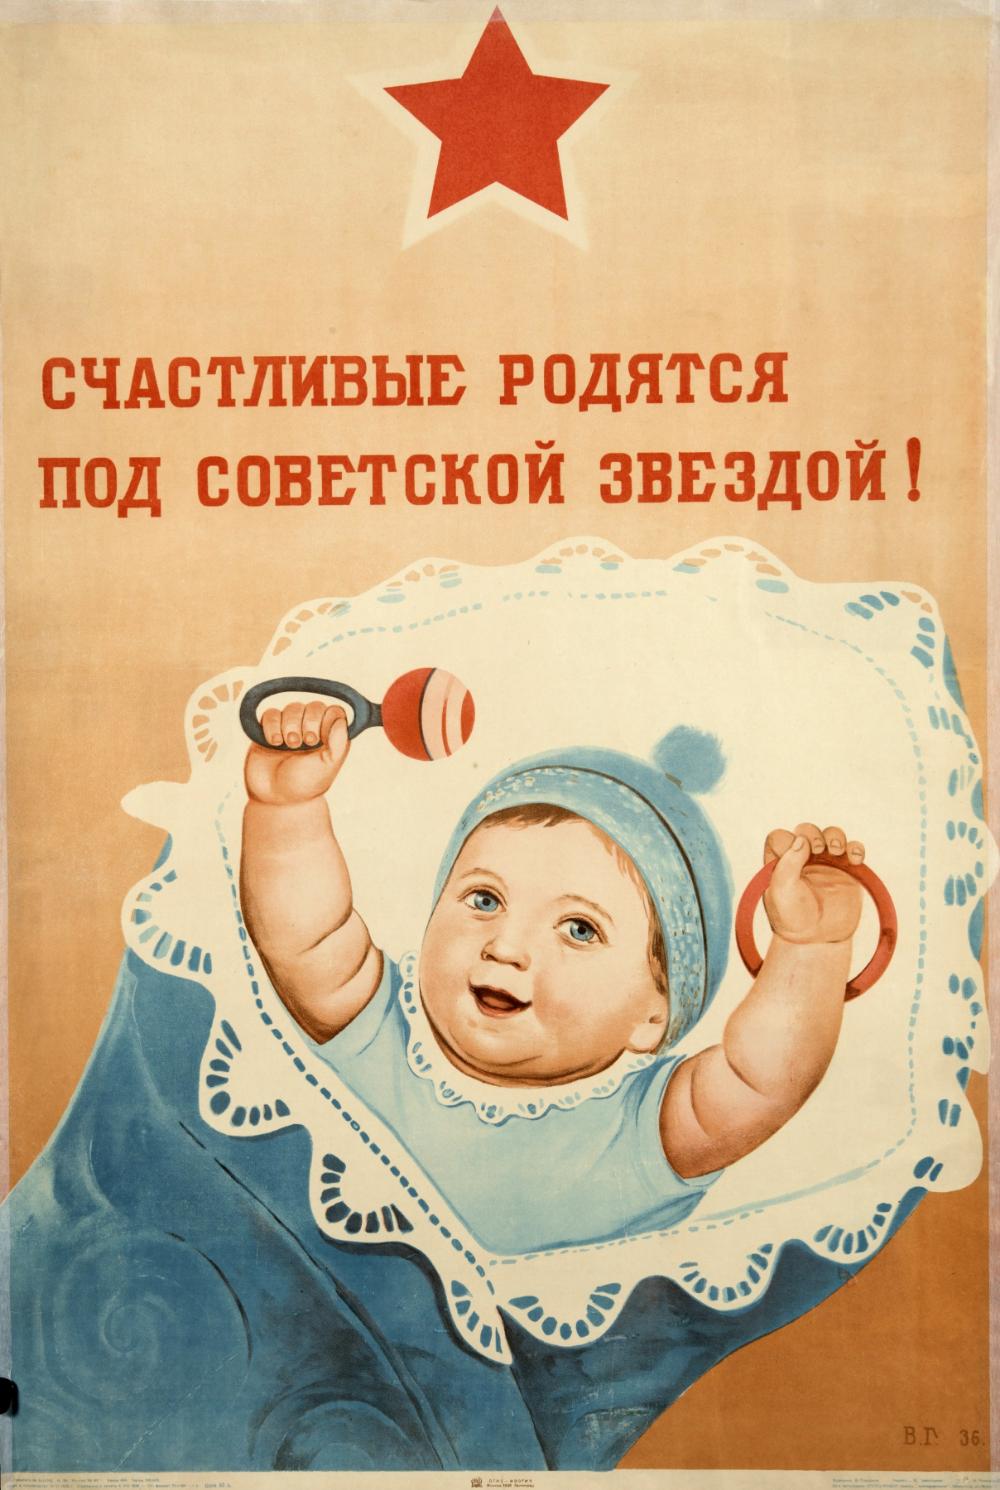 поздравление слоган с днем рождения вышла сцену родного